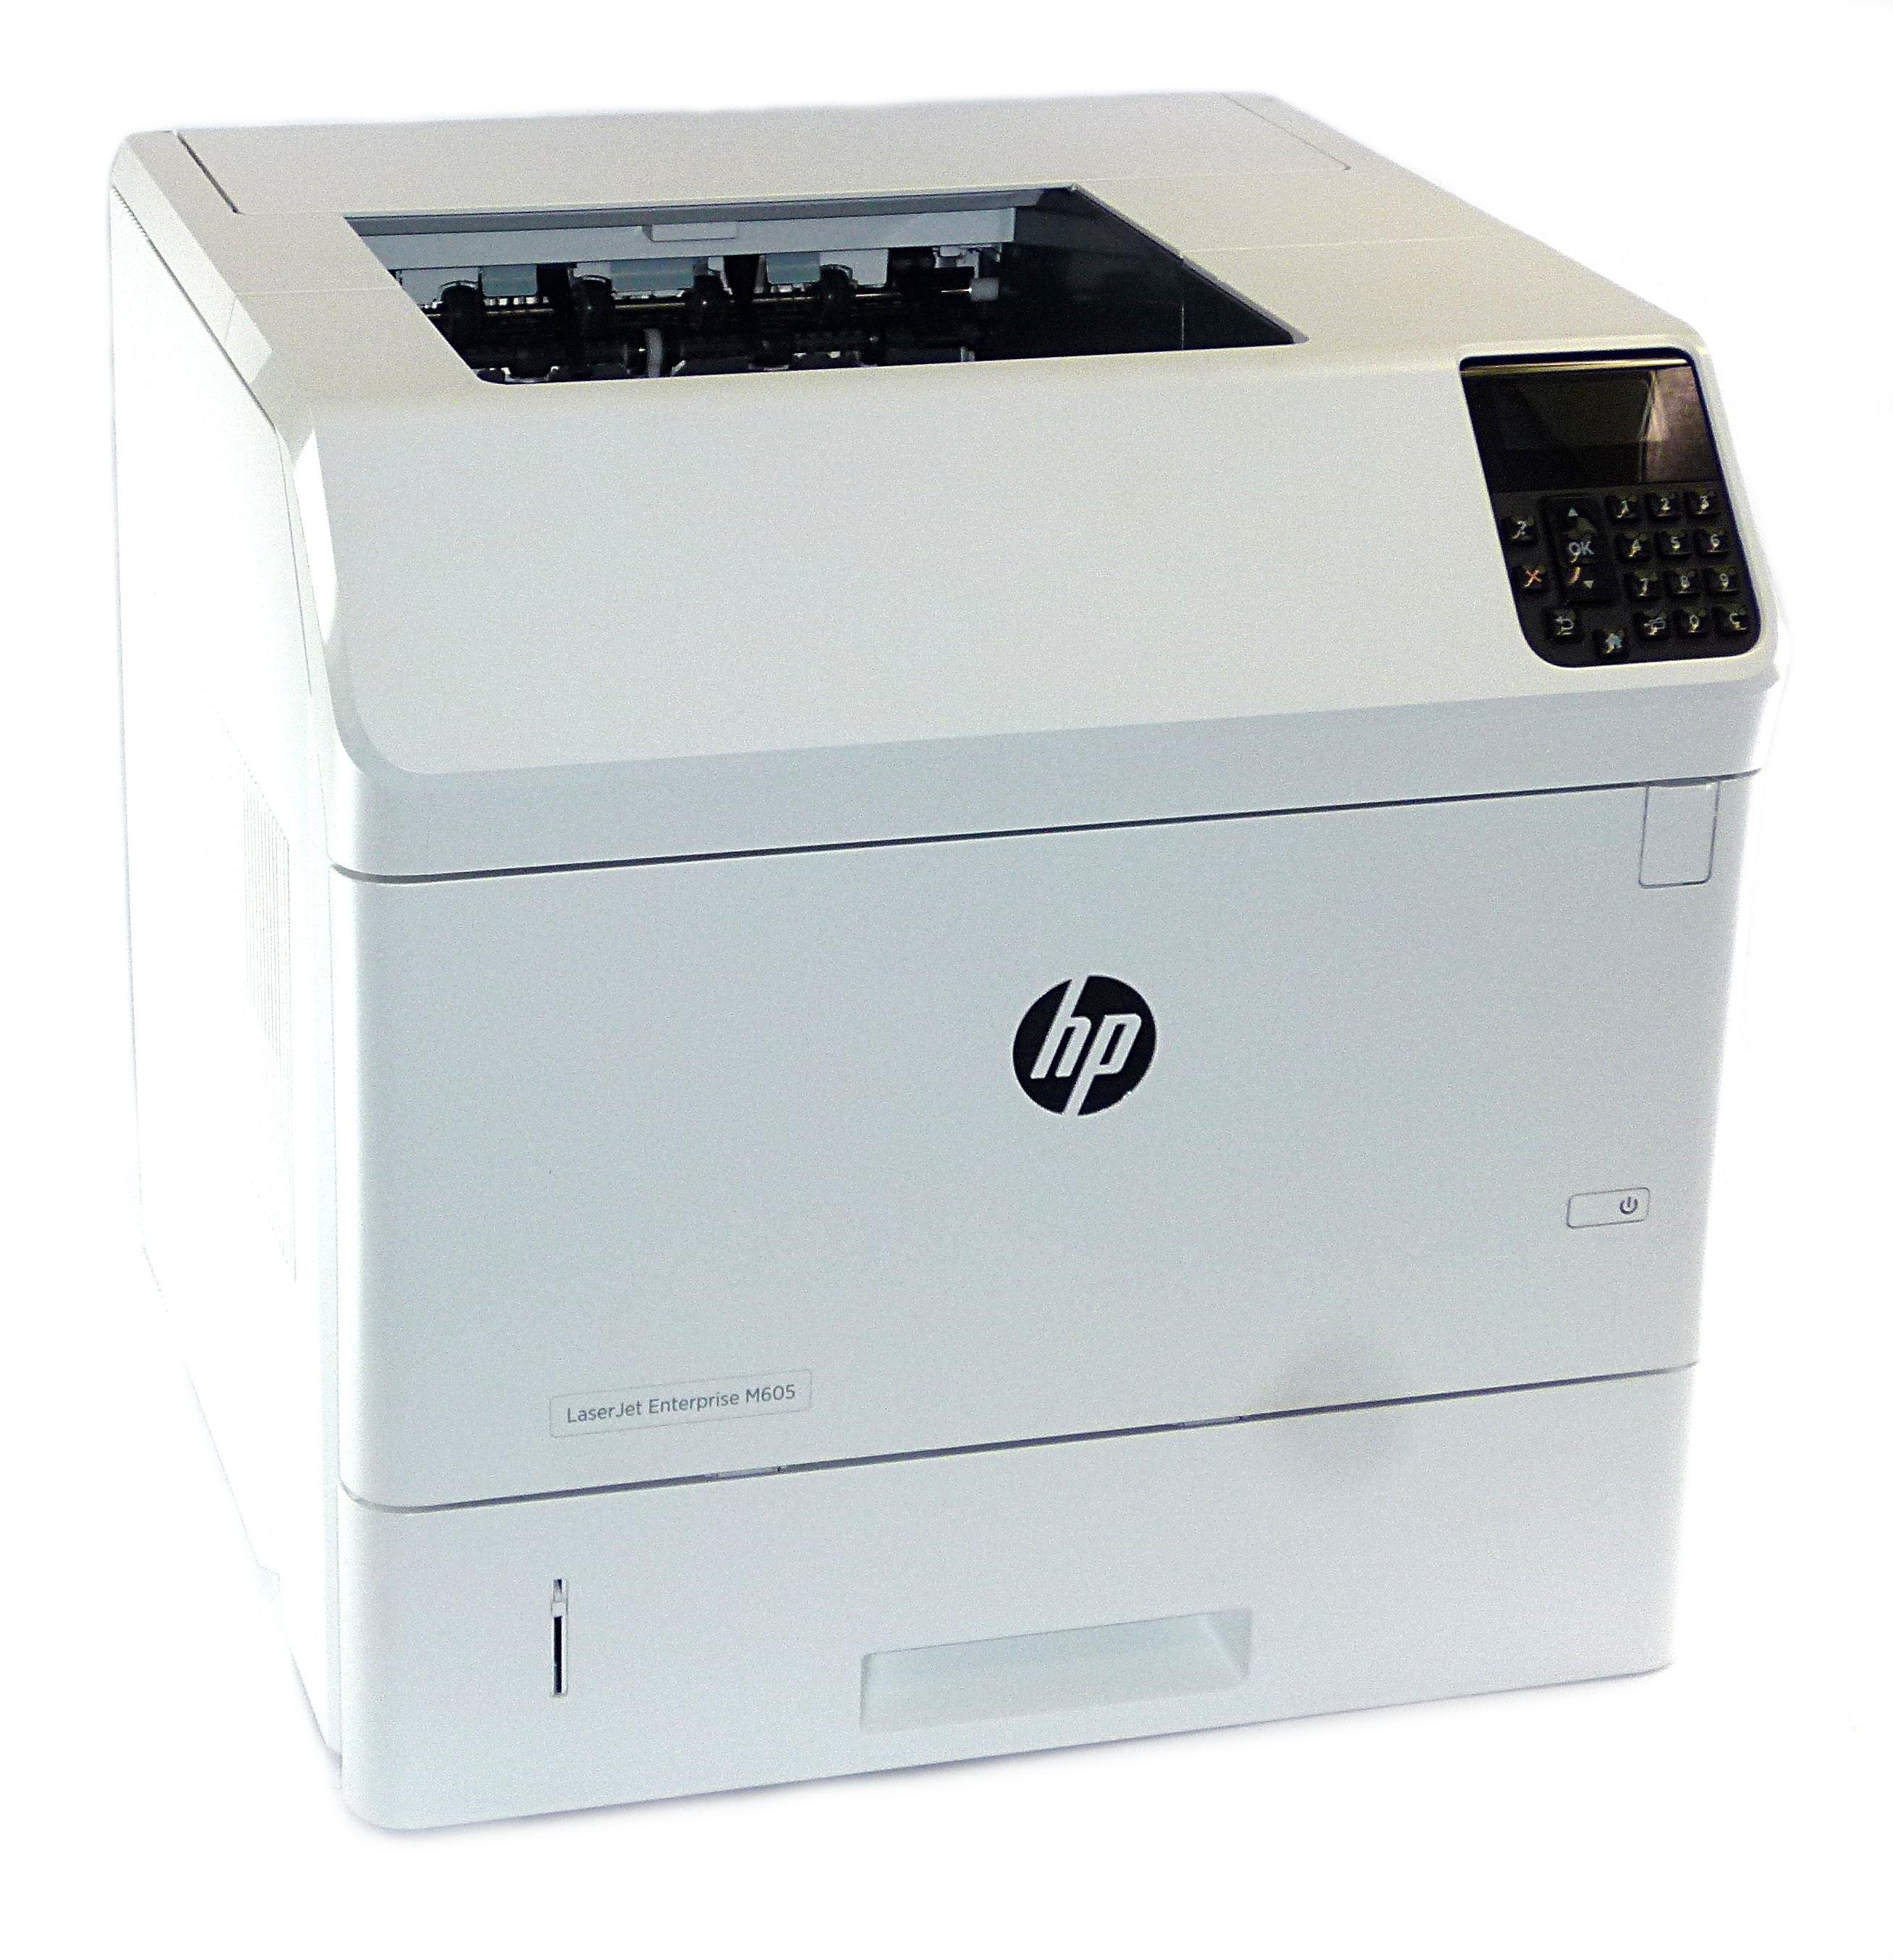 HP E6B69A LaserJet Enterprise M605 Network Laser Printer